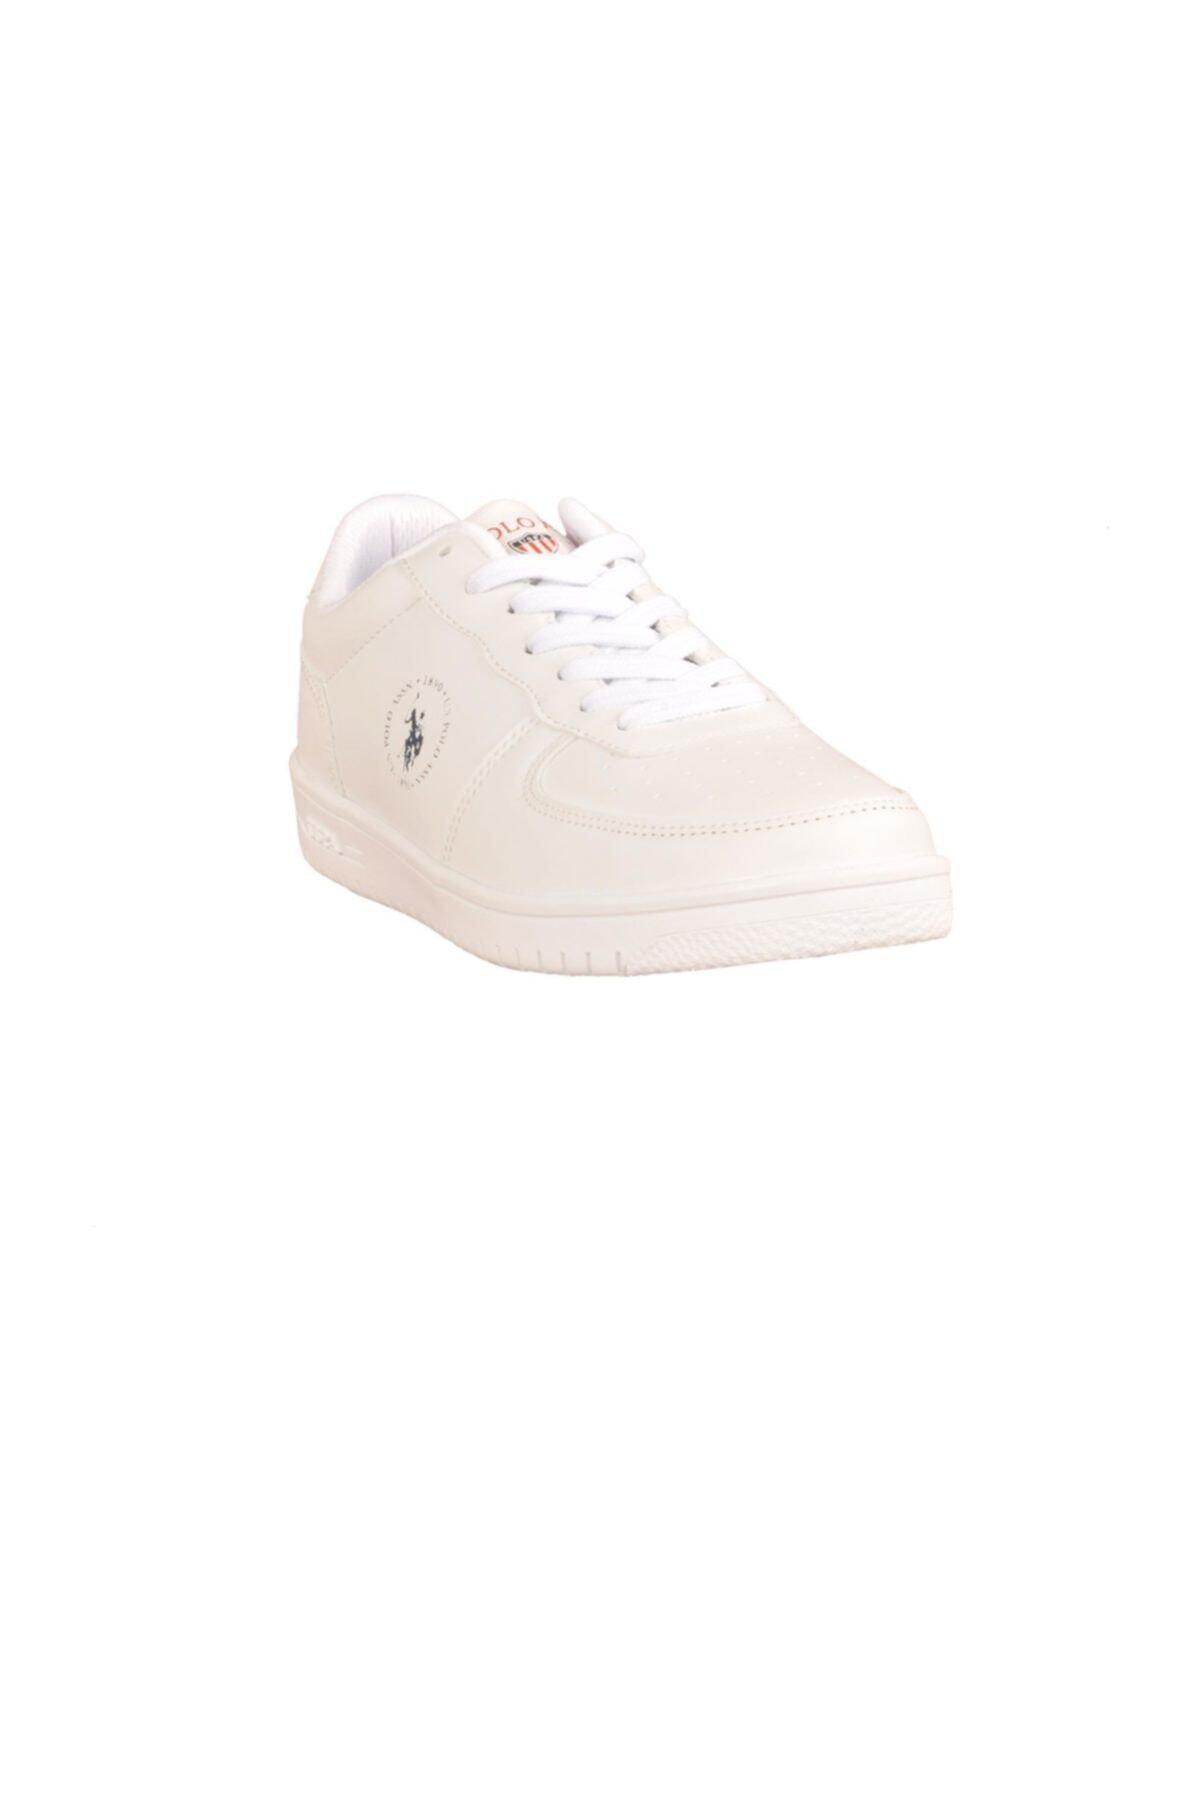 U.S. Polo Assn. Dimler Beyaz Kadın Sneaker Ayakkabı 100325940 2